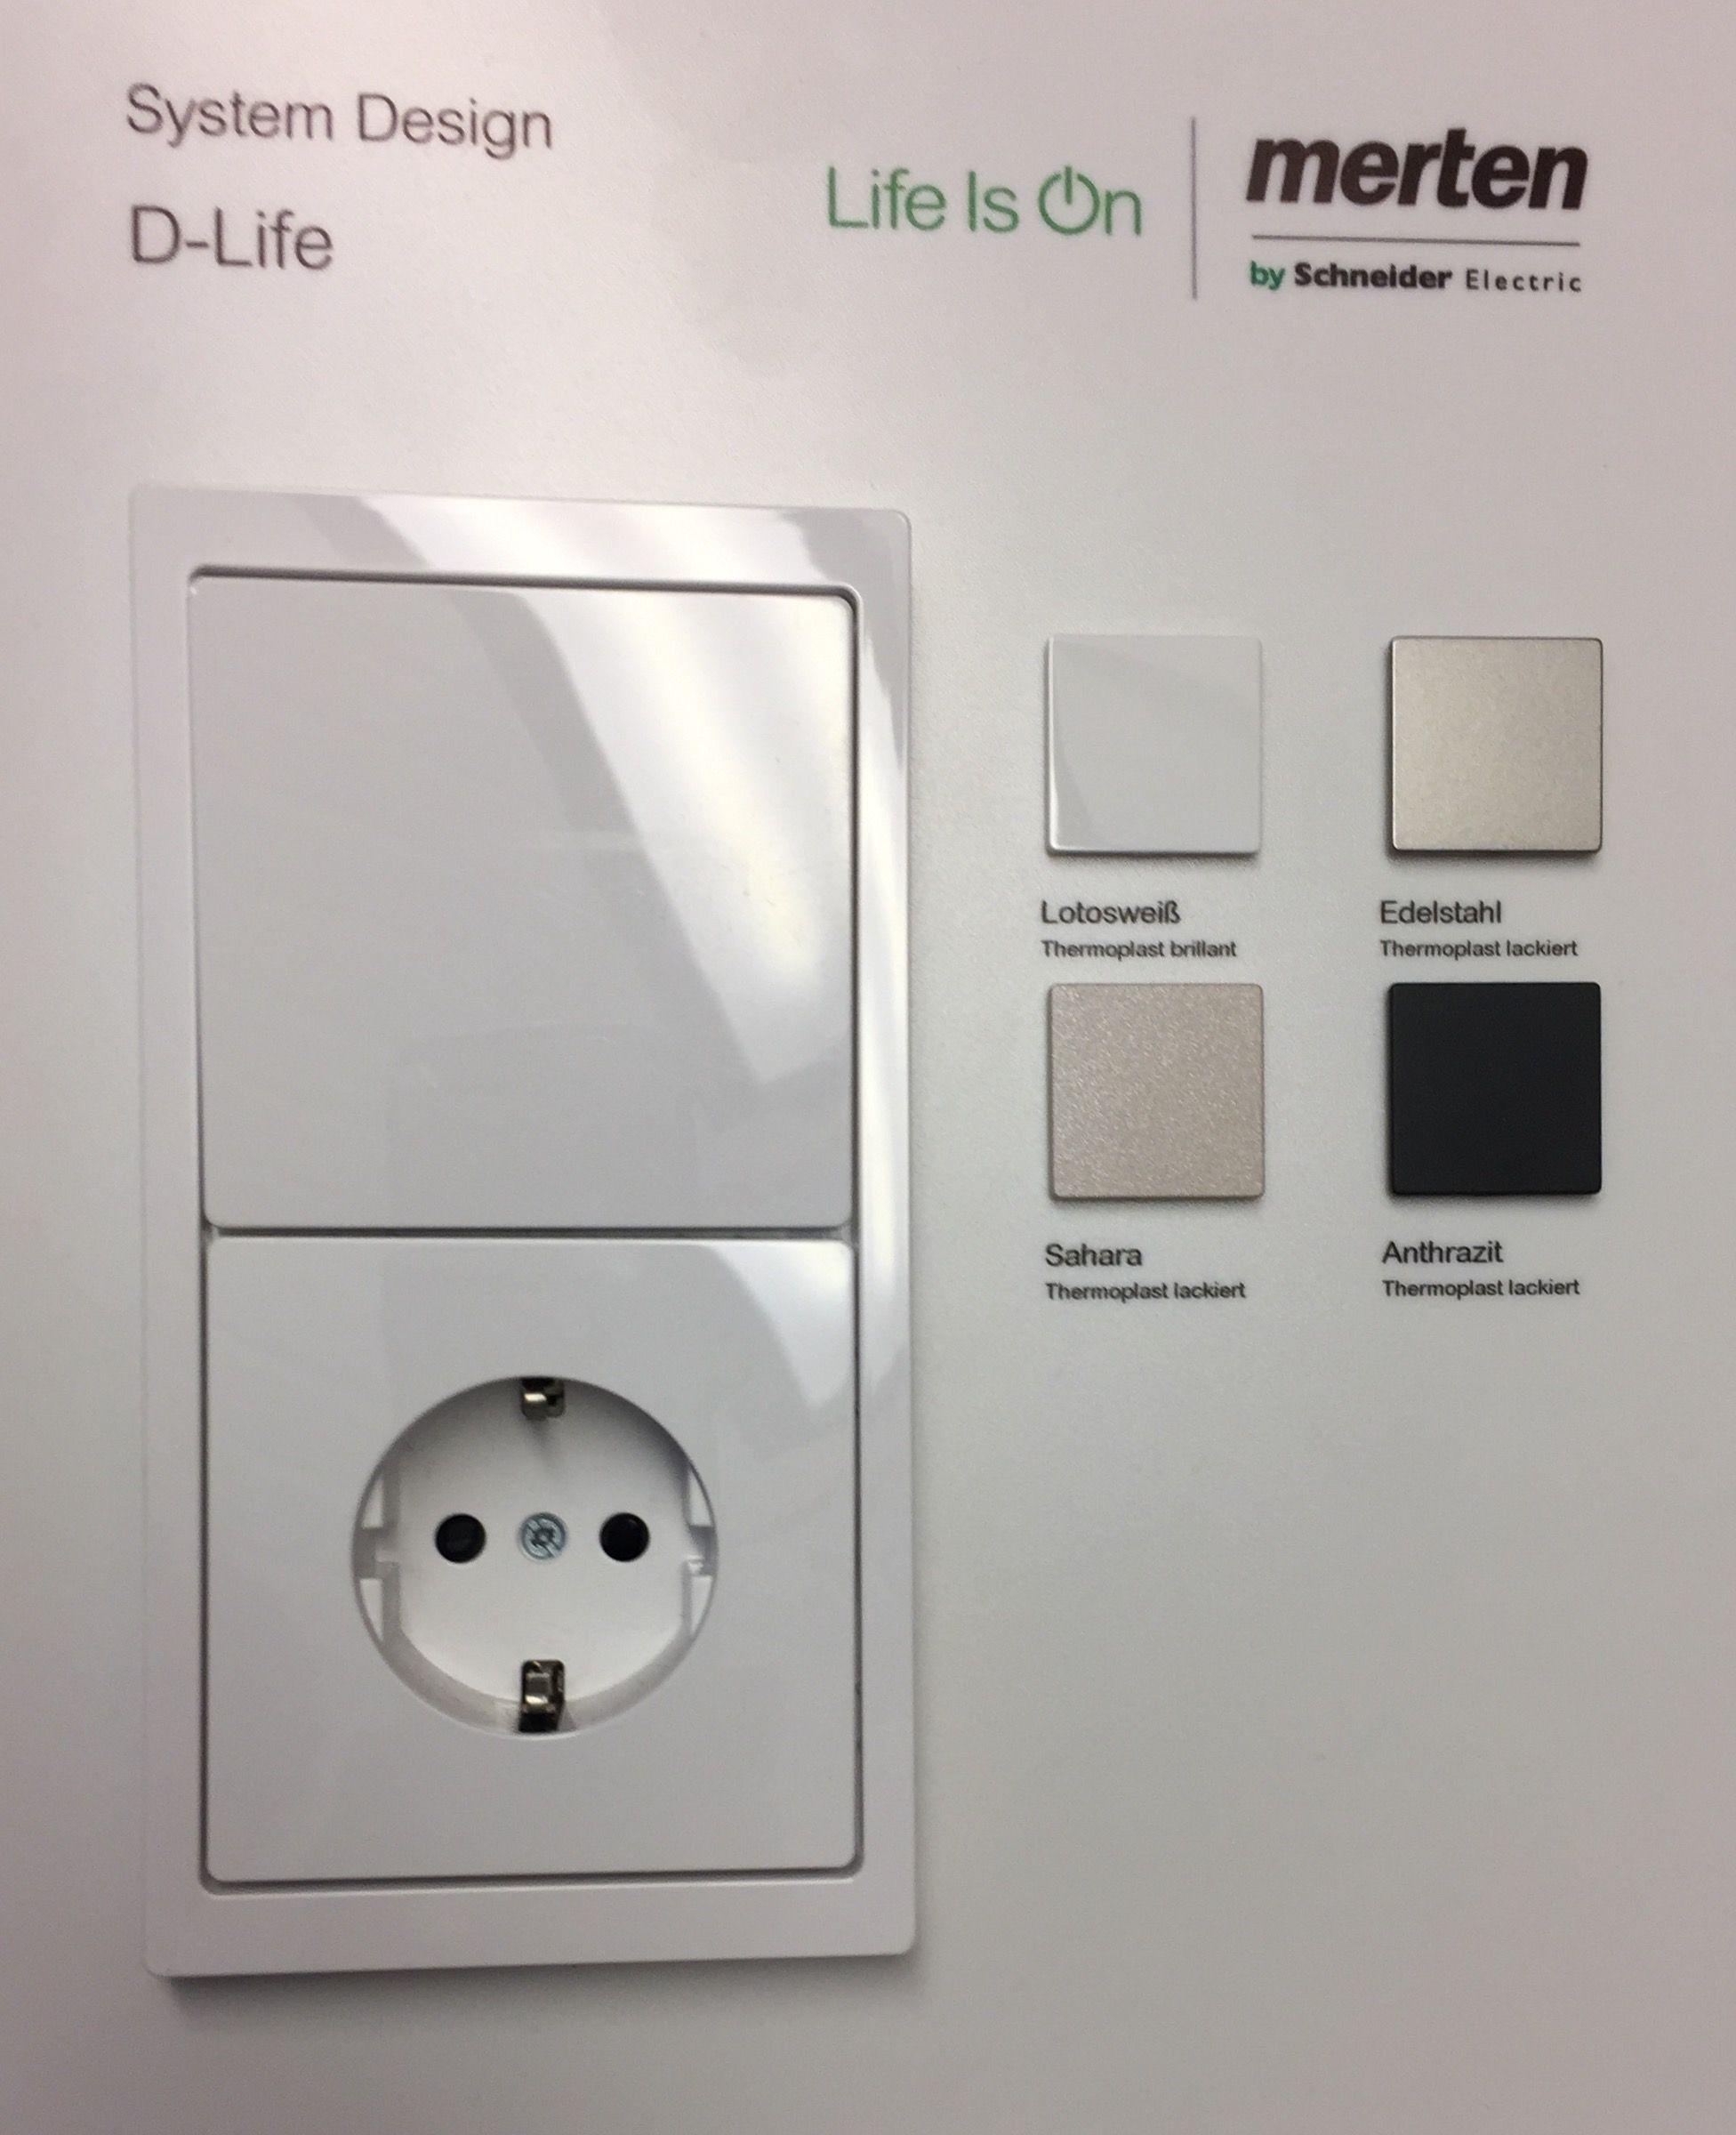 Merten D Life Schalter Und Steckdosen Schalter Und Steckdosen Steckdosen Und Lichtschalter Lichtschalter